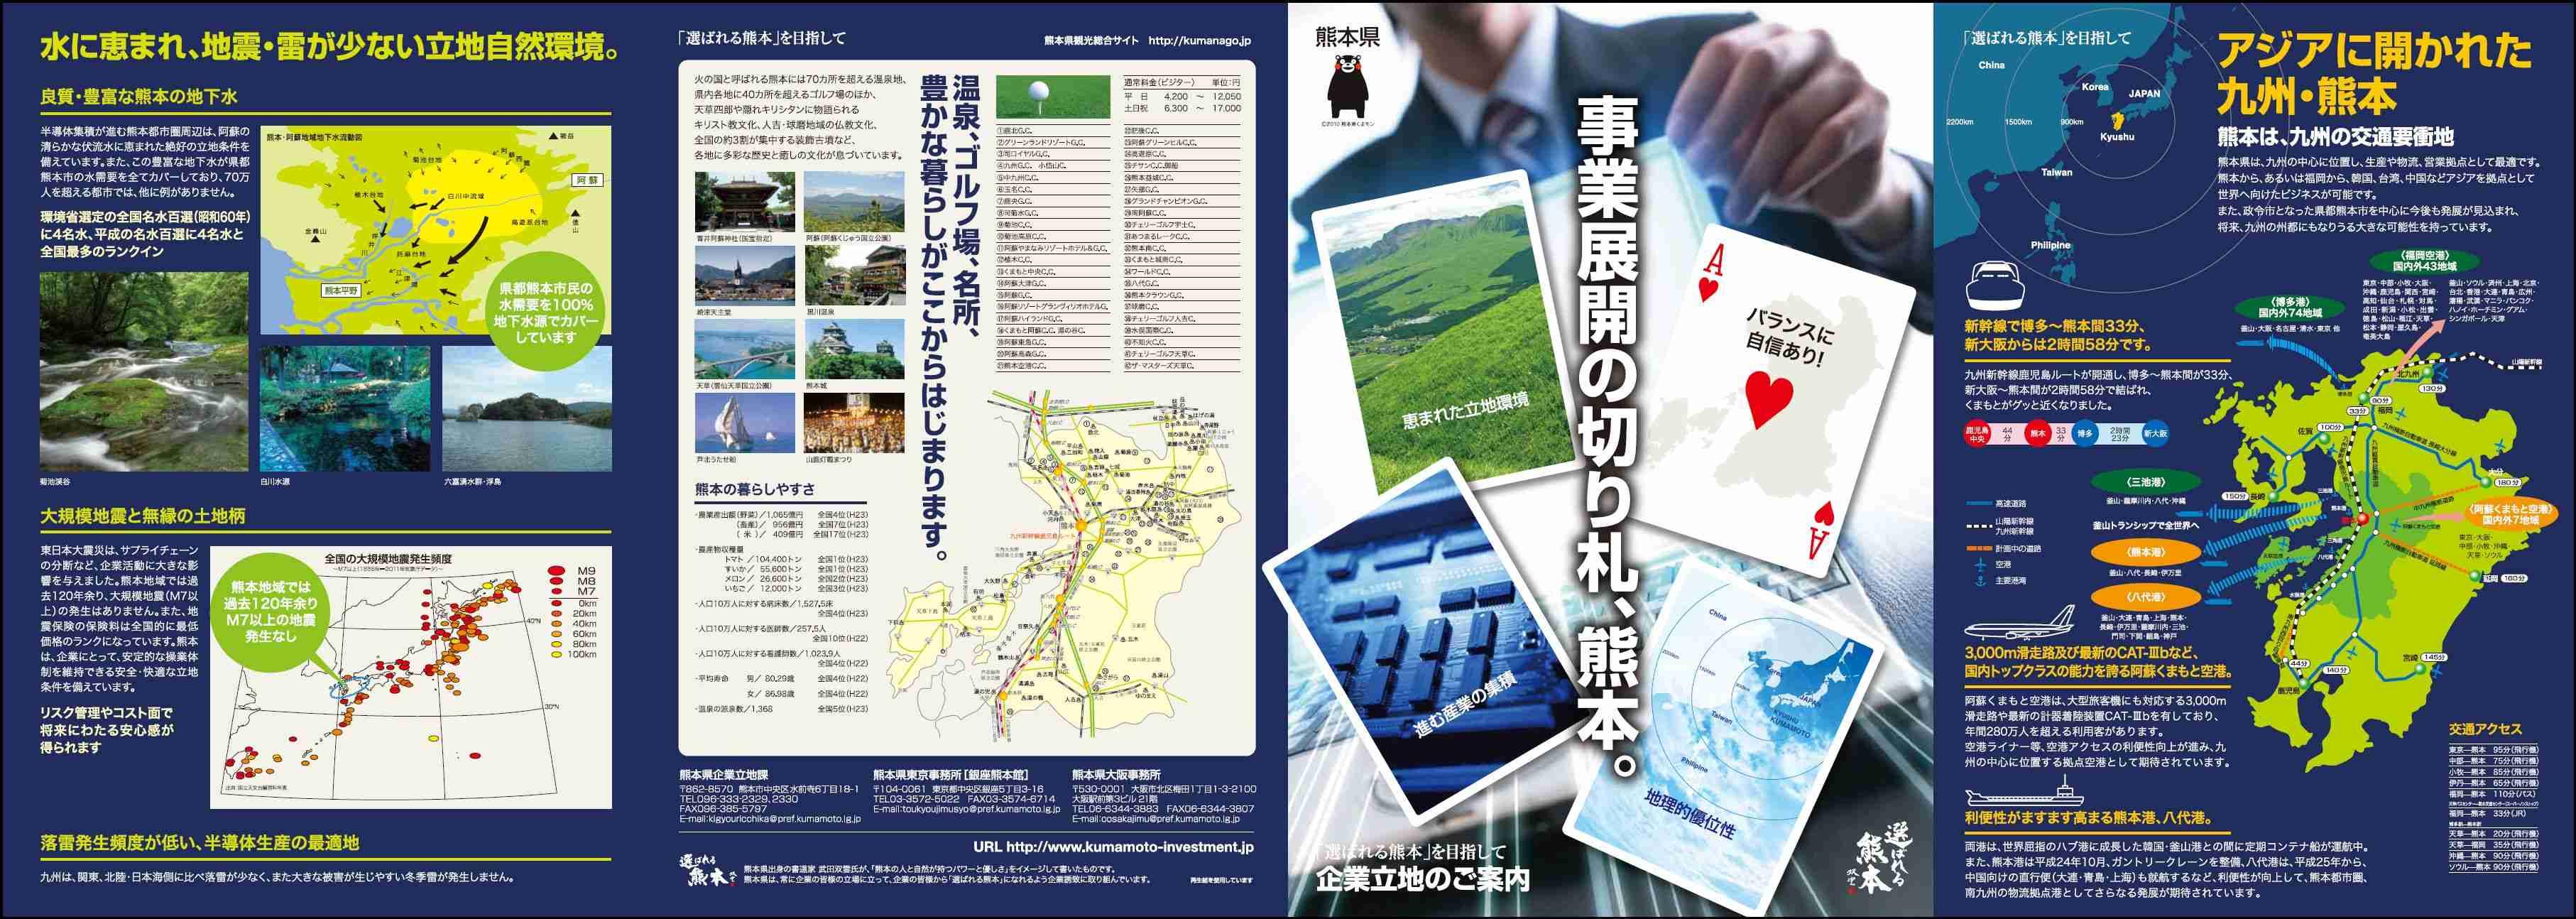 「大変タイミングのいい地震だ」←おおさか維新の会の片山虎之助氏が発言撤回